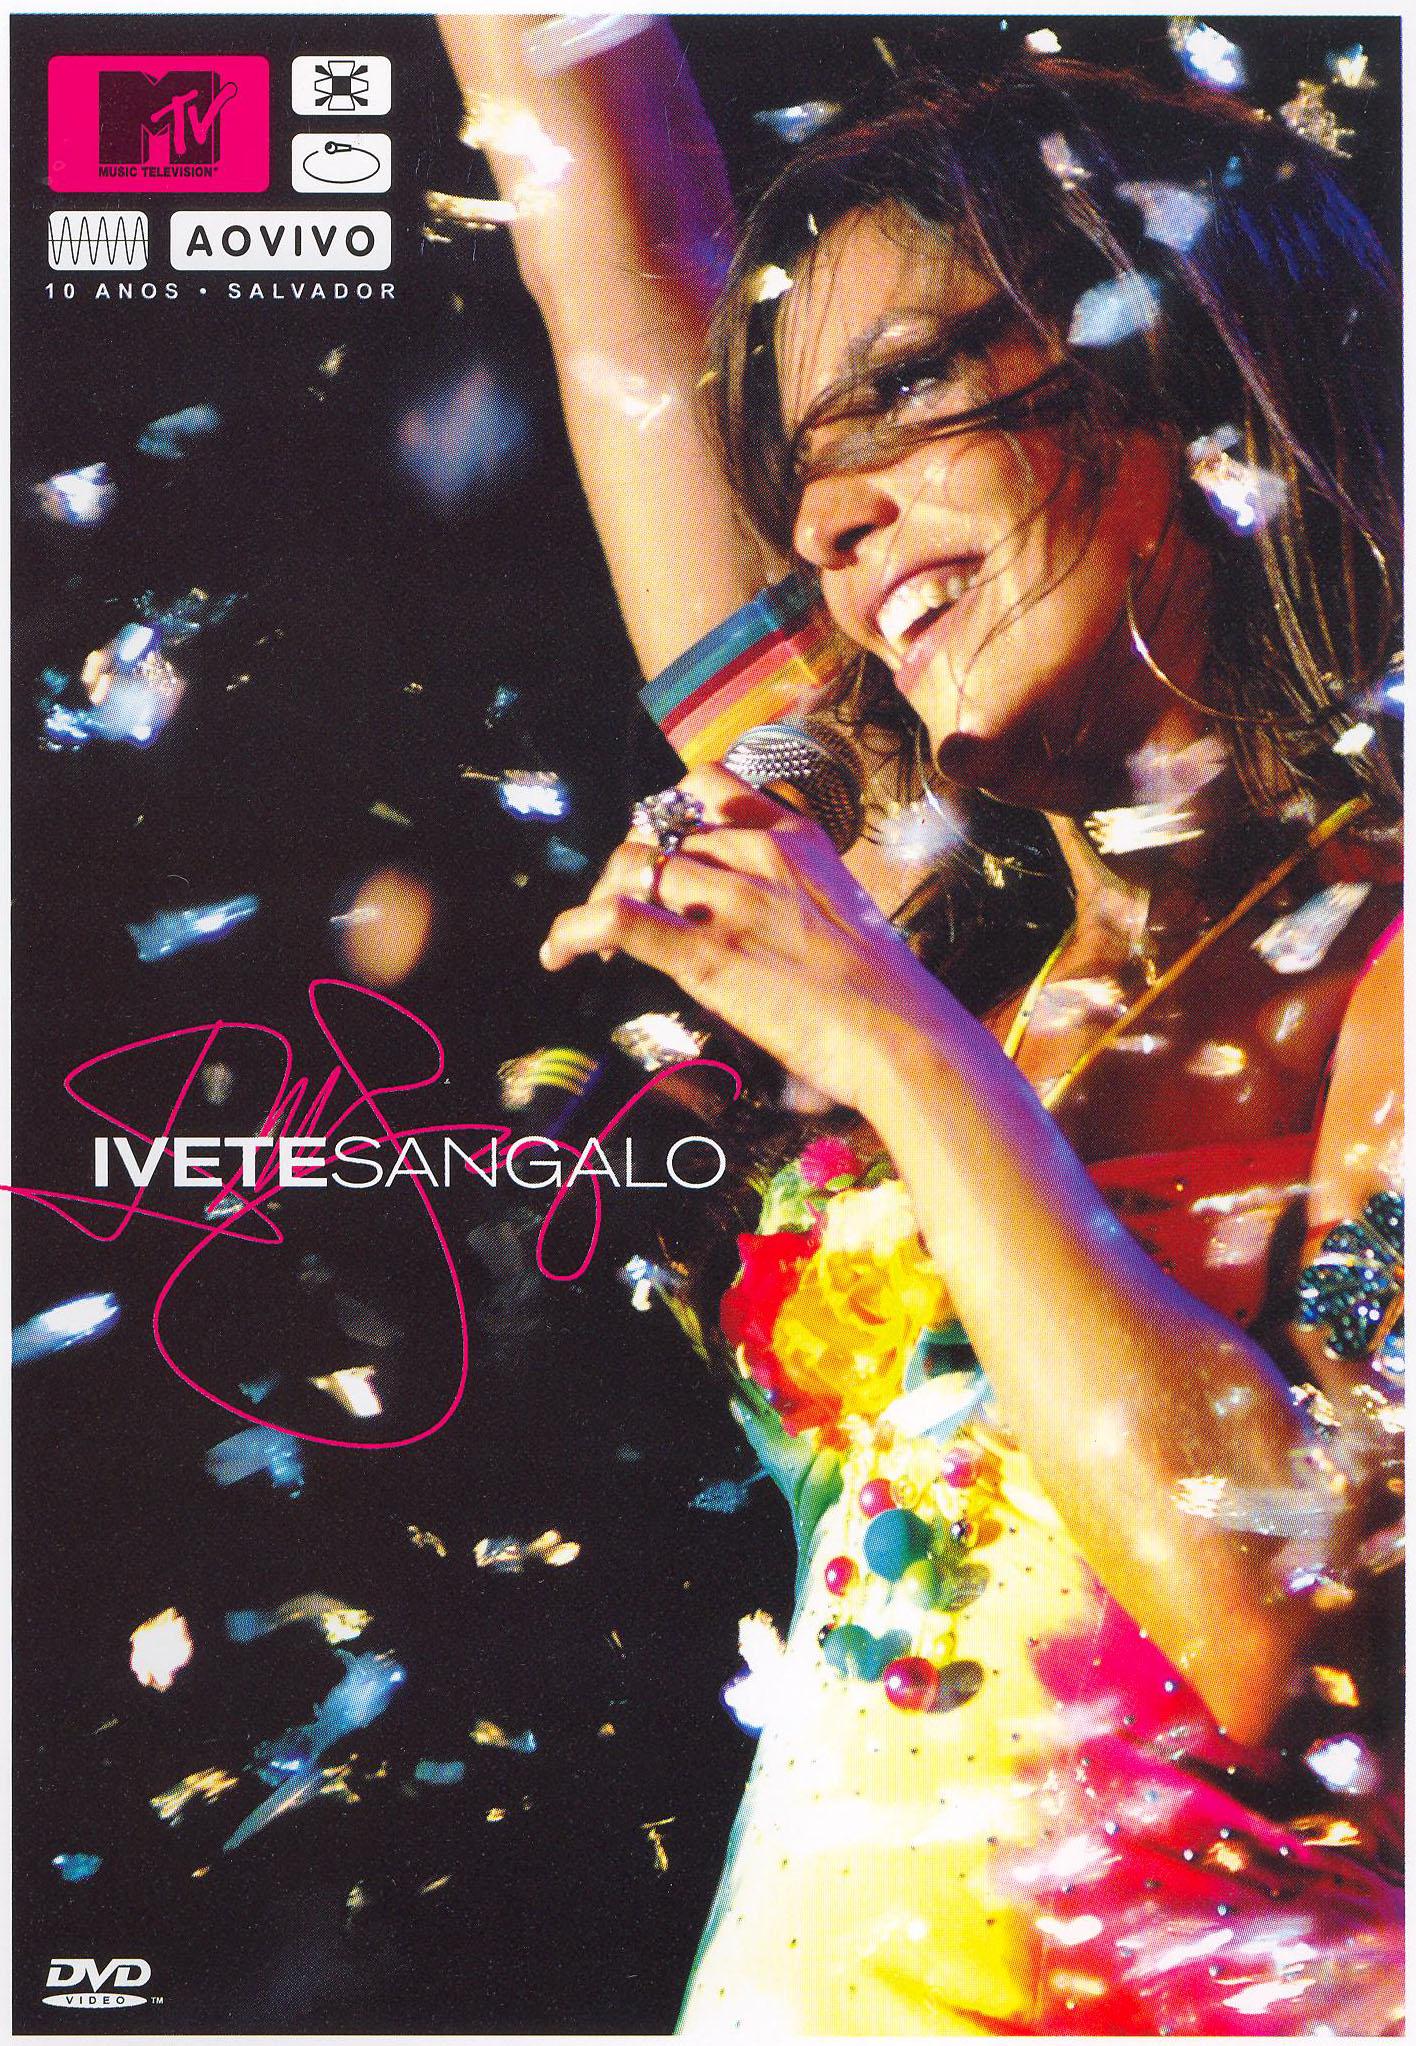 MTV Ao Vivo: Ivete Sangalo